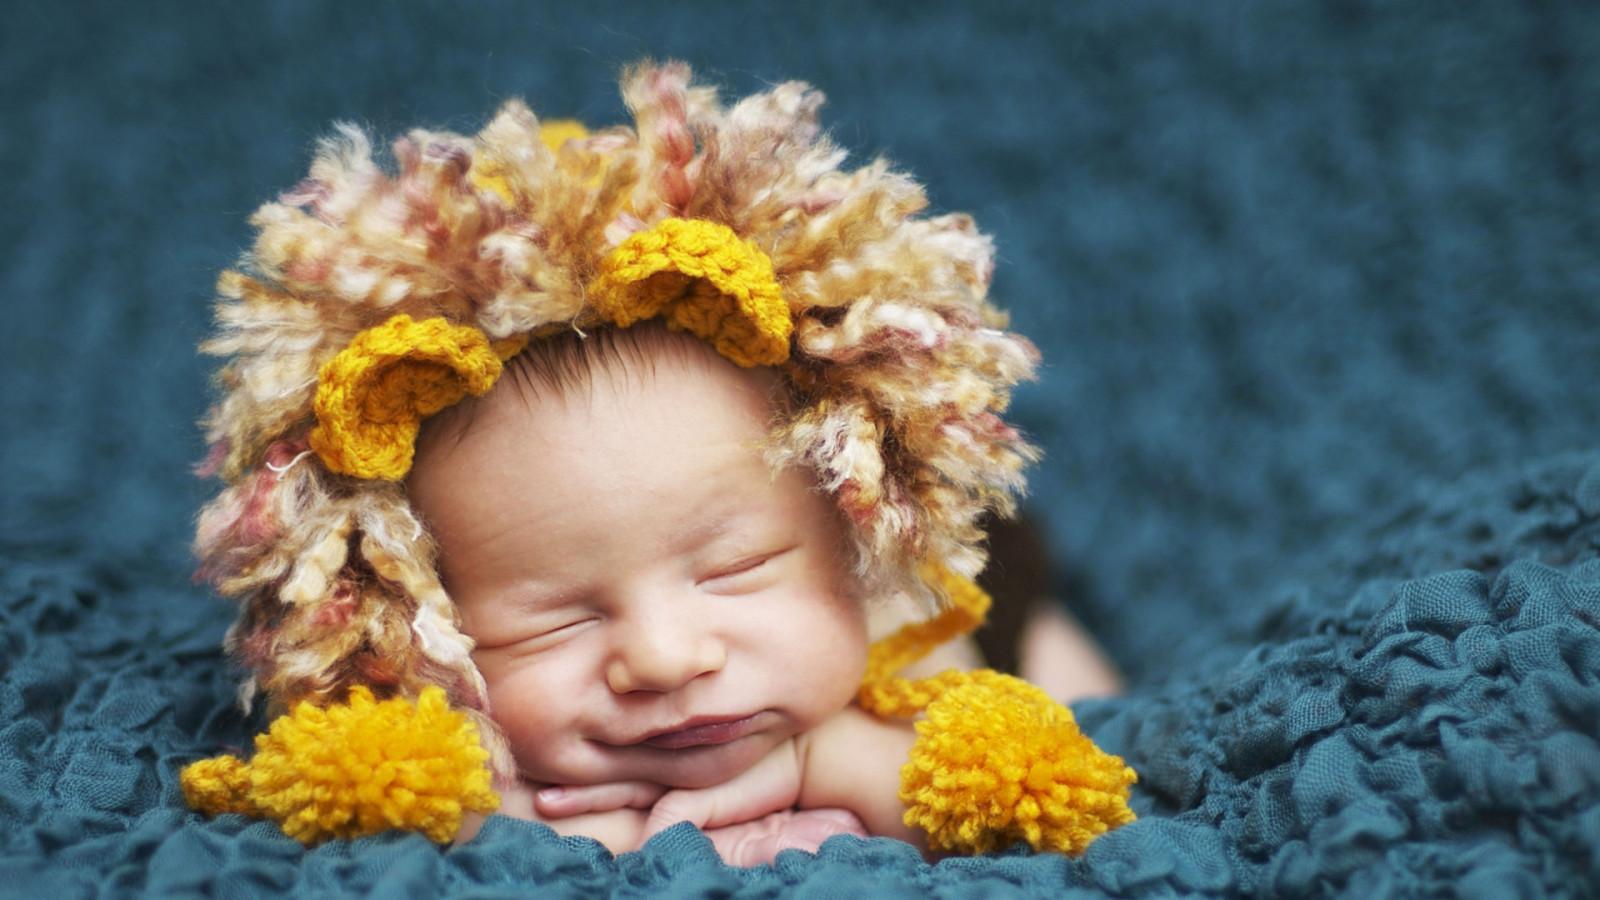 Фото рыжего ребенка новорожденного